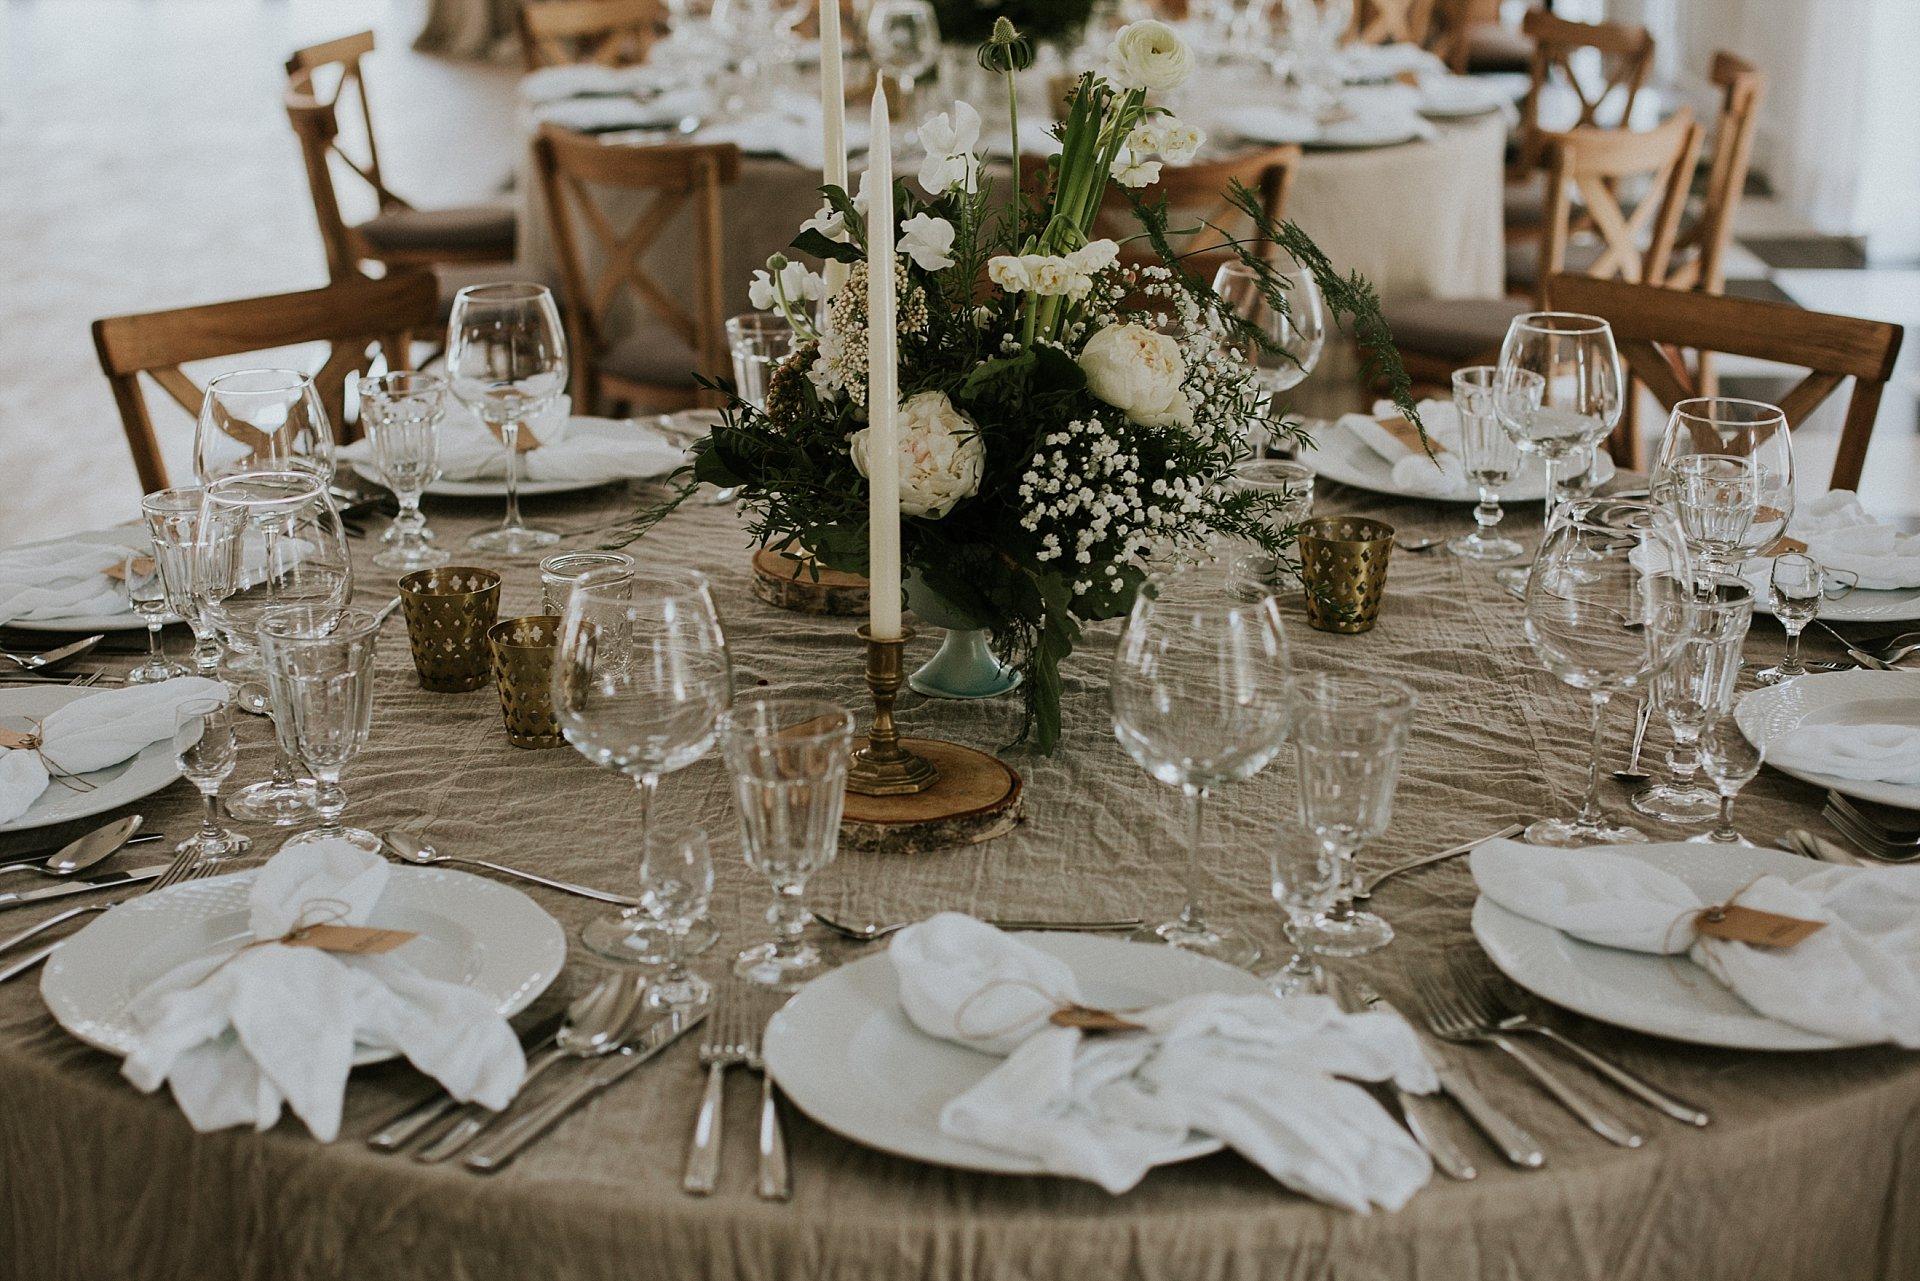 biała wstążka, dom restauracyjny, ślub naturalnie